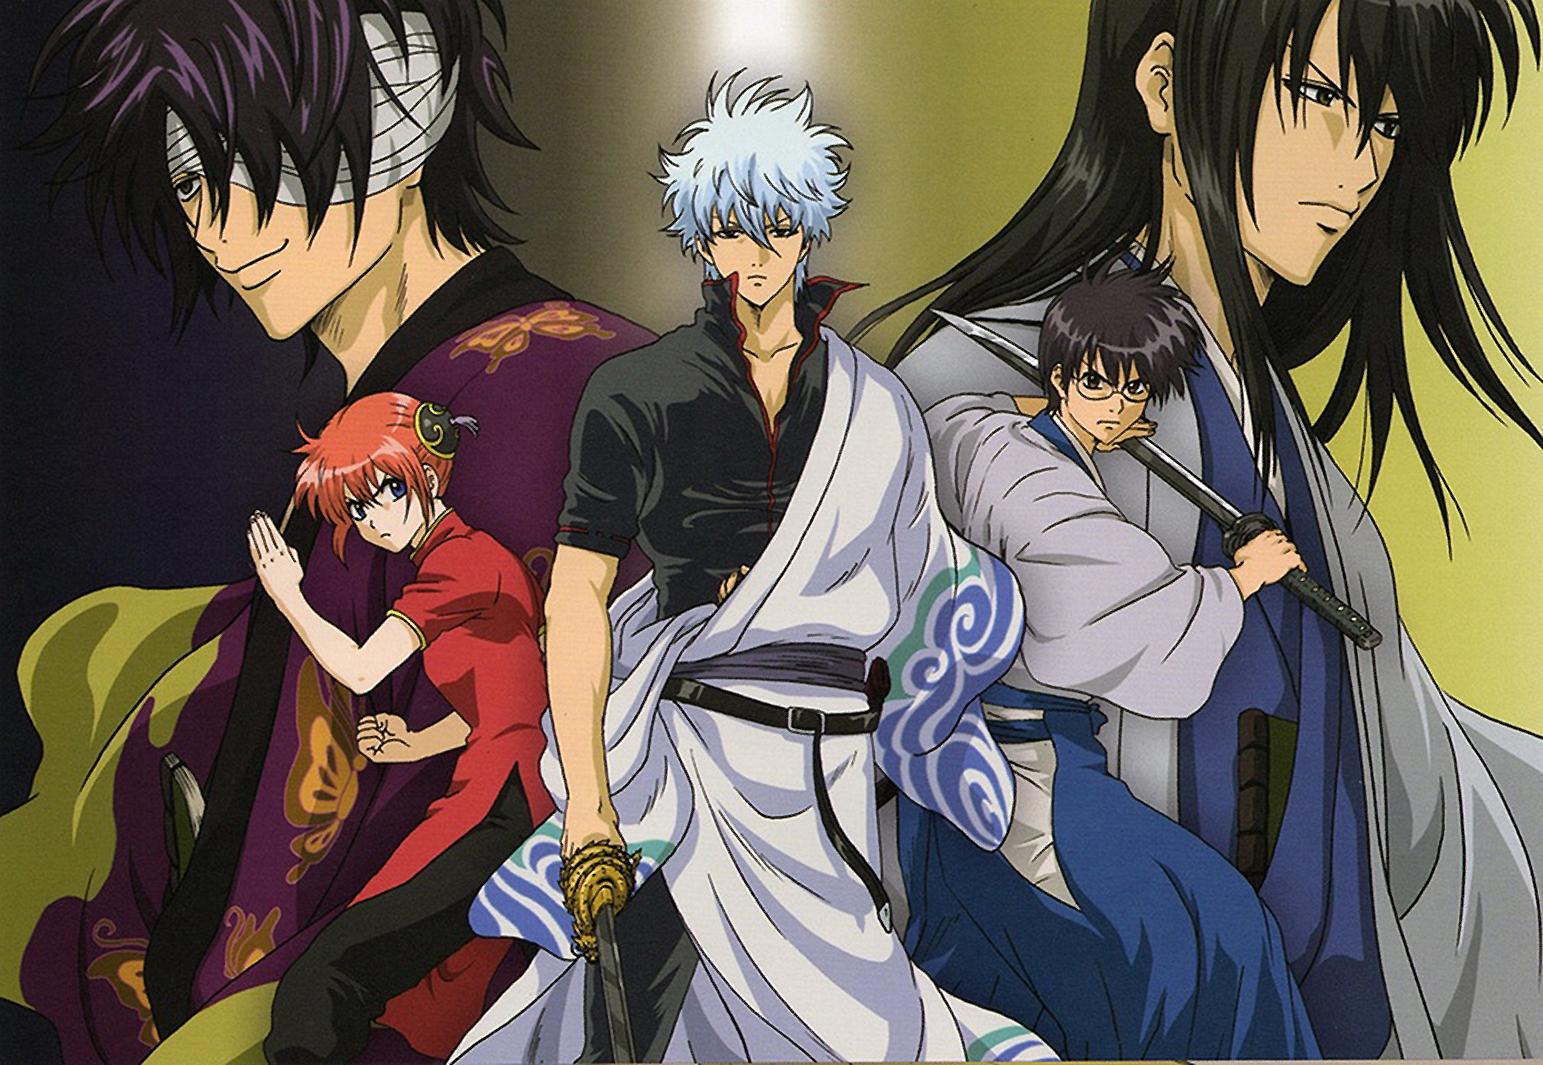 El anime en emisión de Gintama finalizará este mes